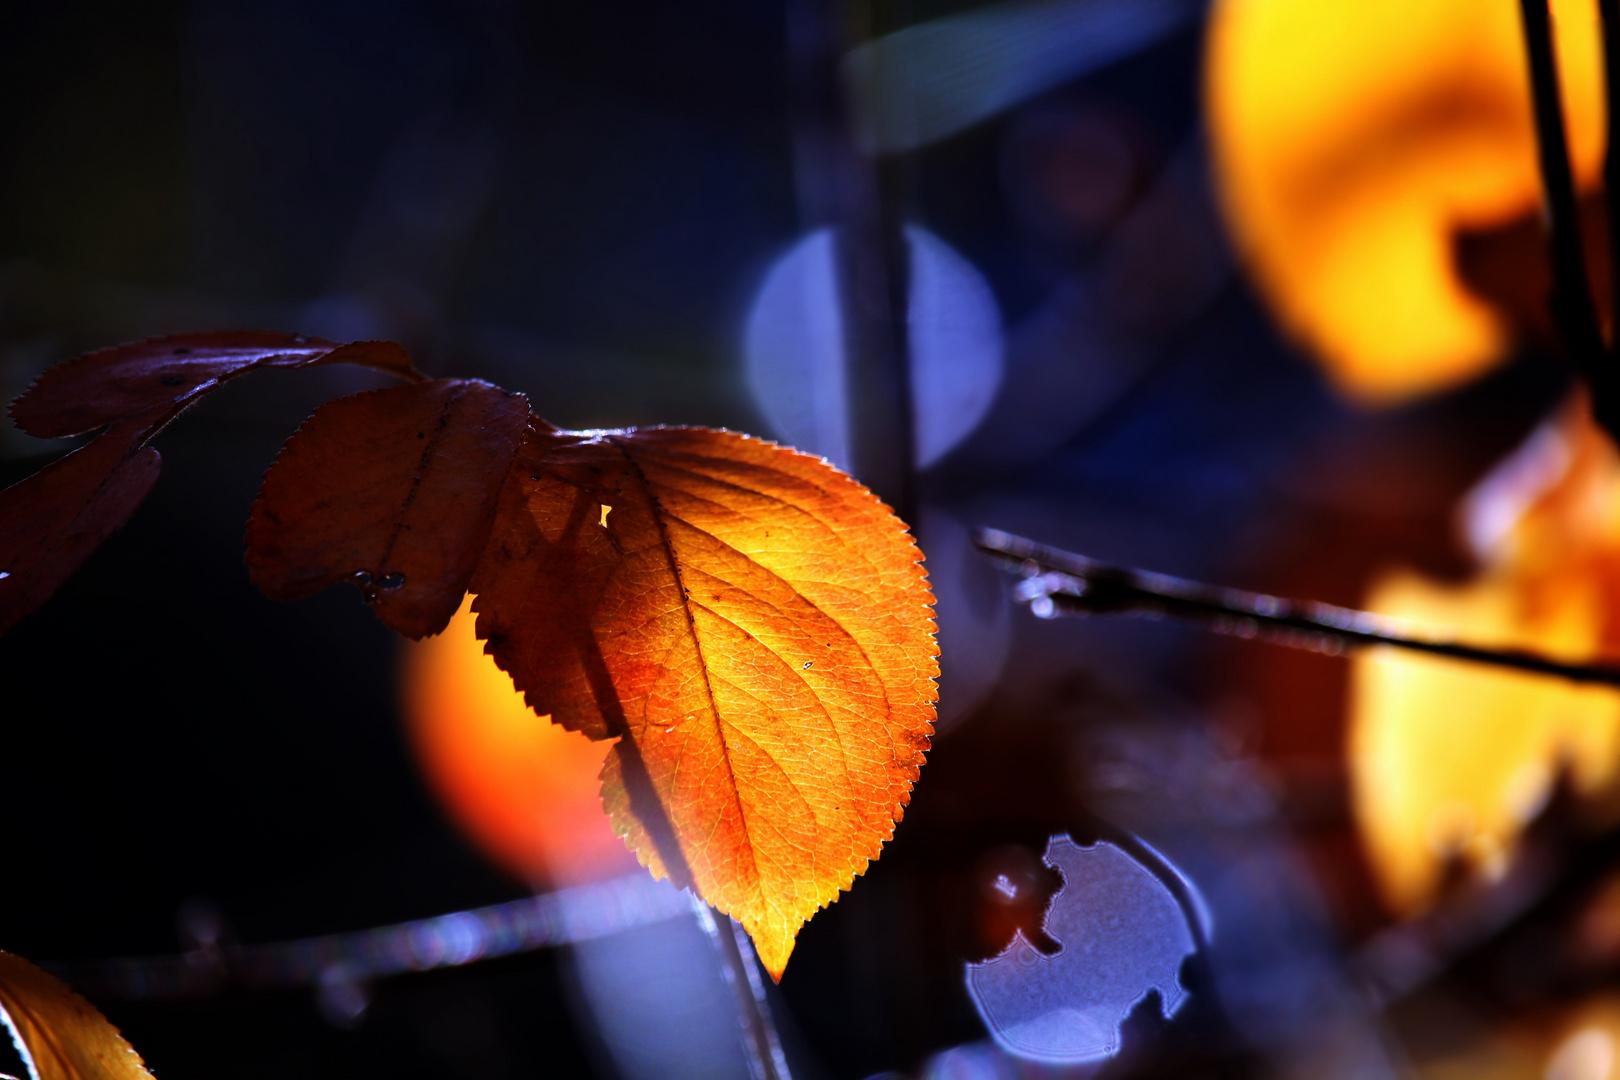 Herbst Erinnerung - autumn reminder